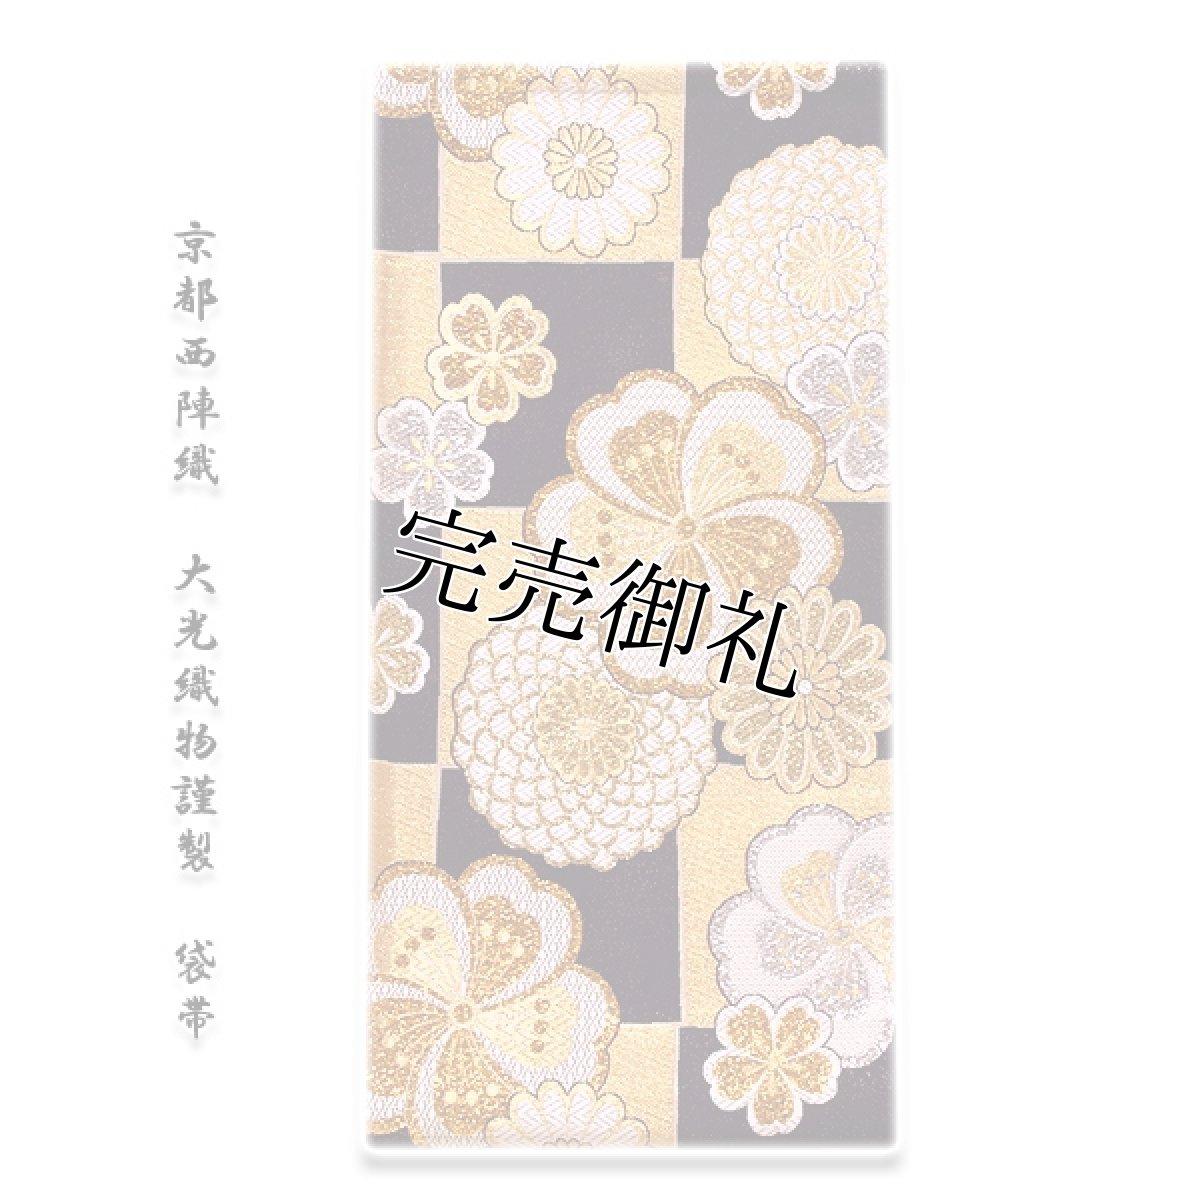 画像1: ■京都西陣織「大光織物謹製」 煌びやかで豪華な 黒色 金色 紫色 振袖に最適 変わり結び 長尺 正絹 袋帯■ (1)